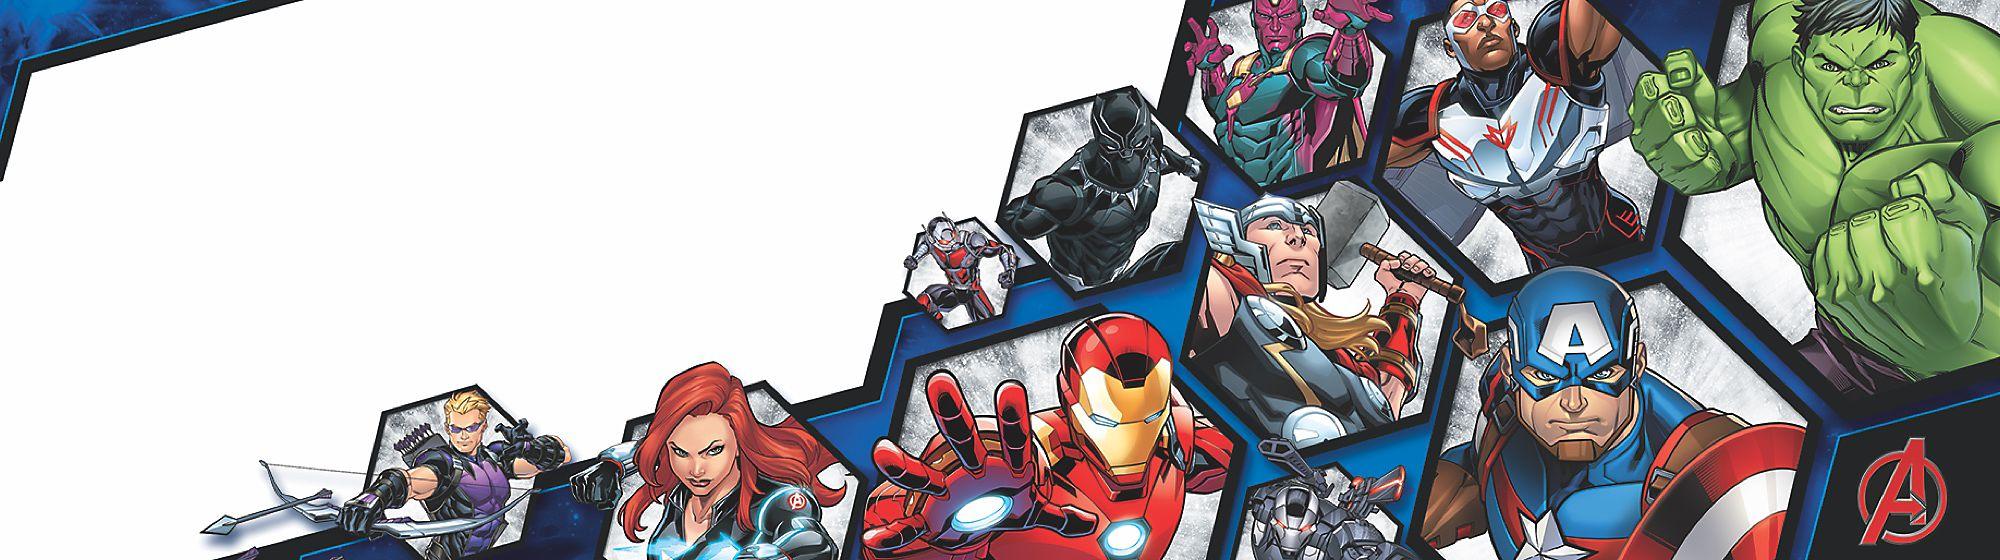 Marvel Entdecke unsere fantastische Kollektion an Kostümen, Spielzeugen, Schreibwaren und viele weitere Artikel, inspiriert von den Marvel Superhelden!